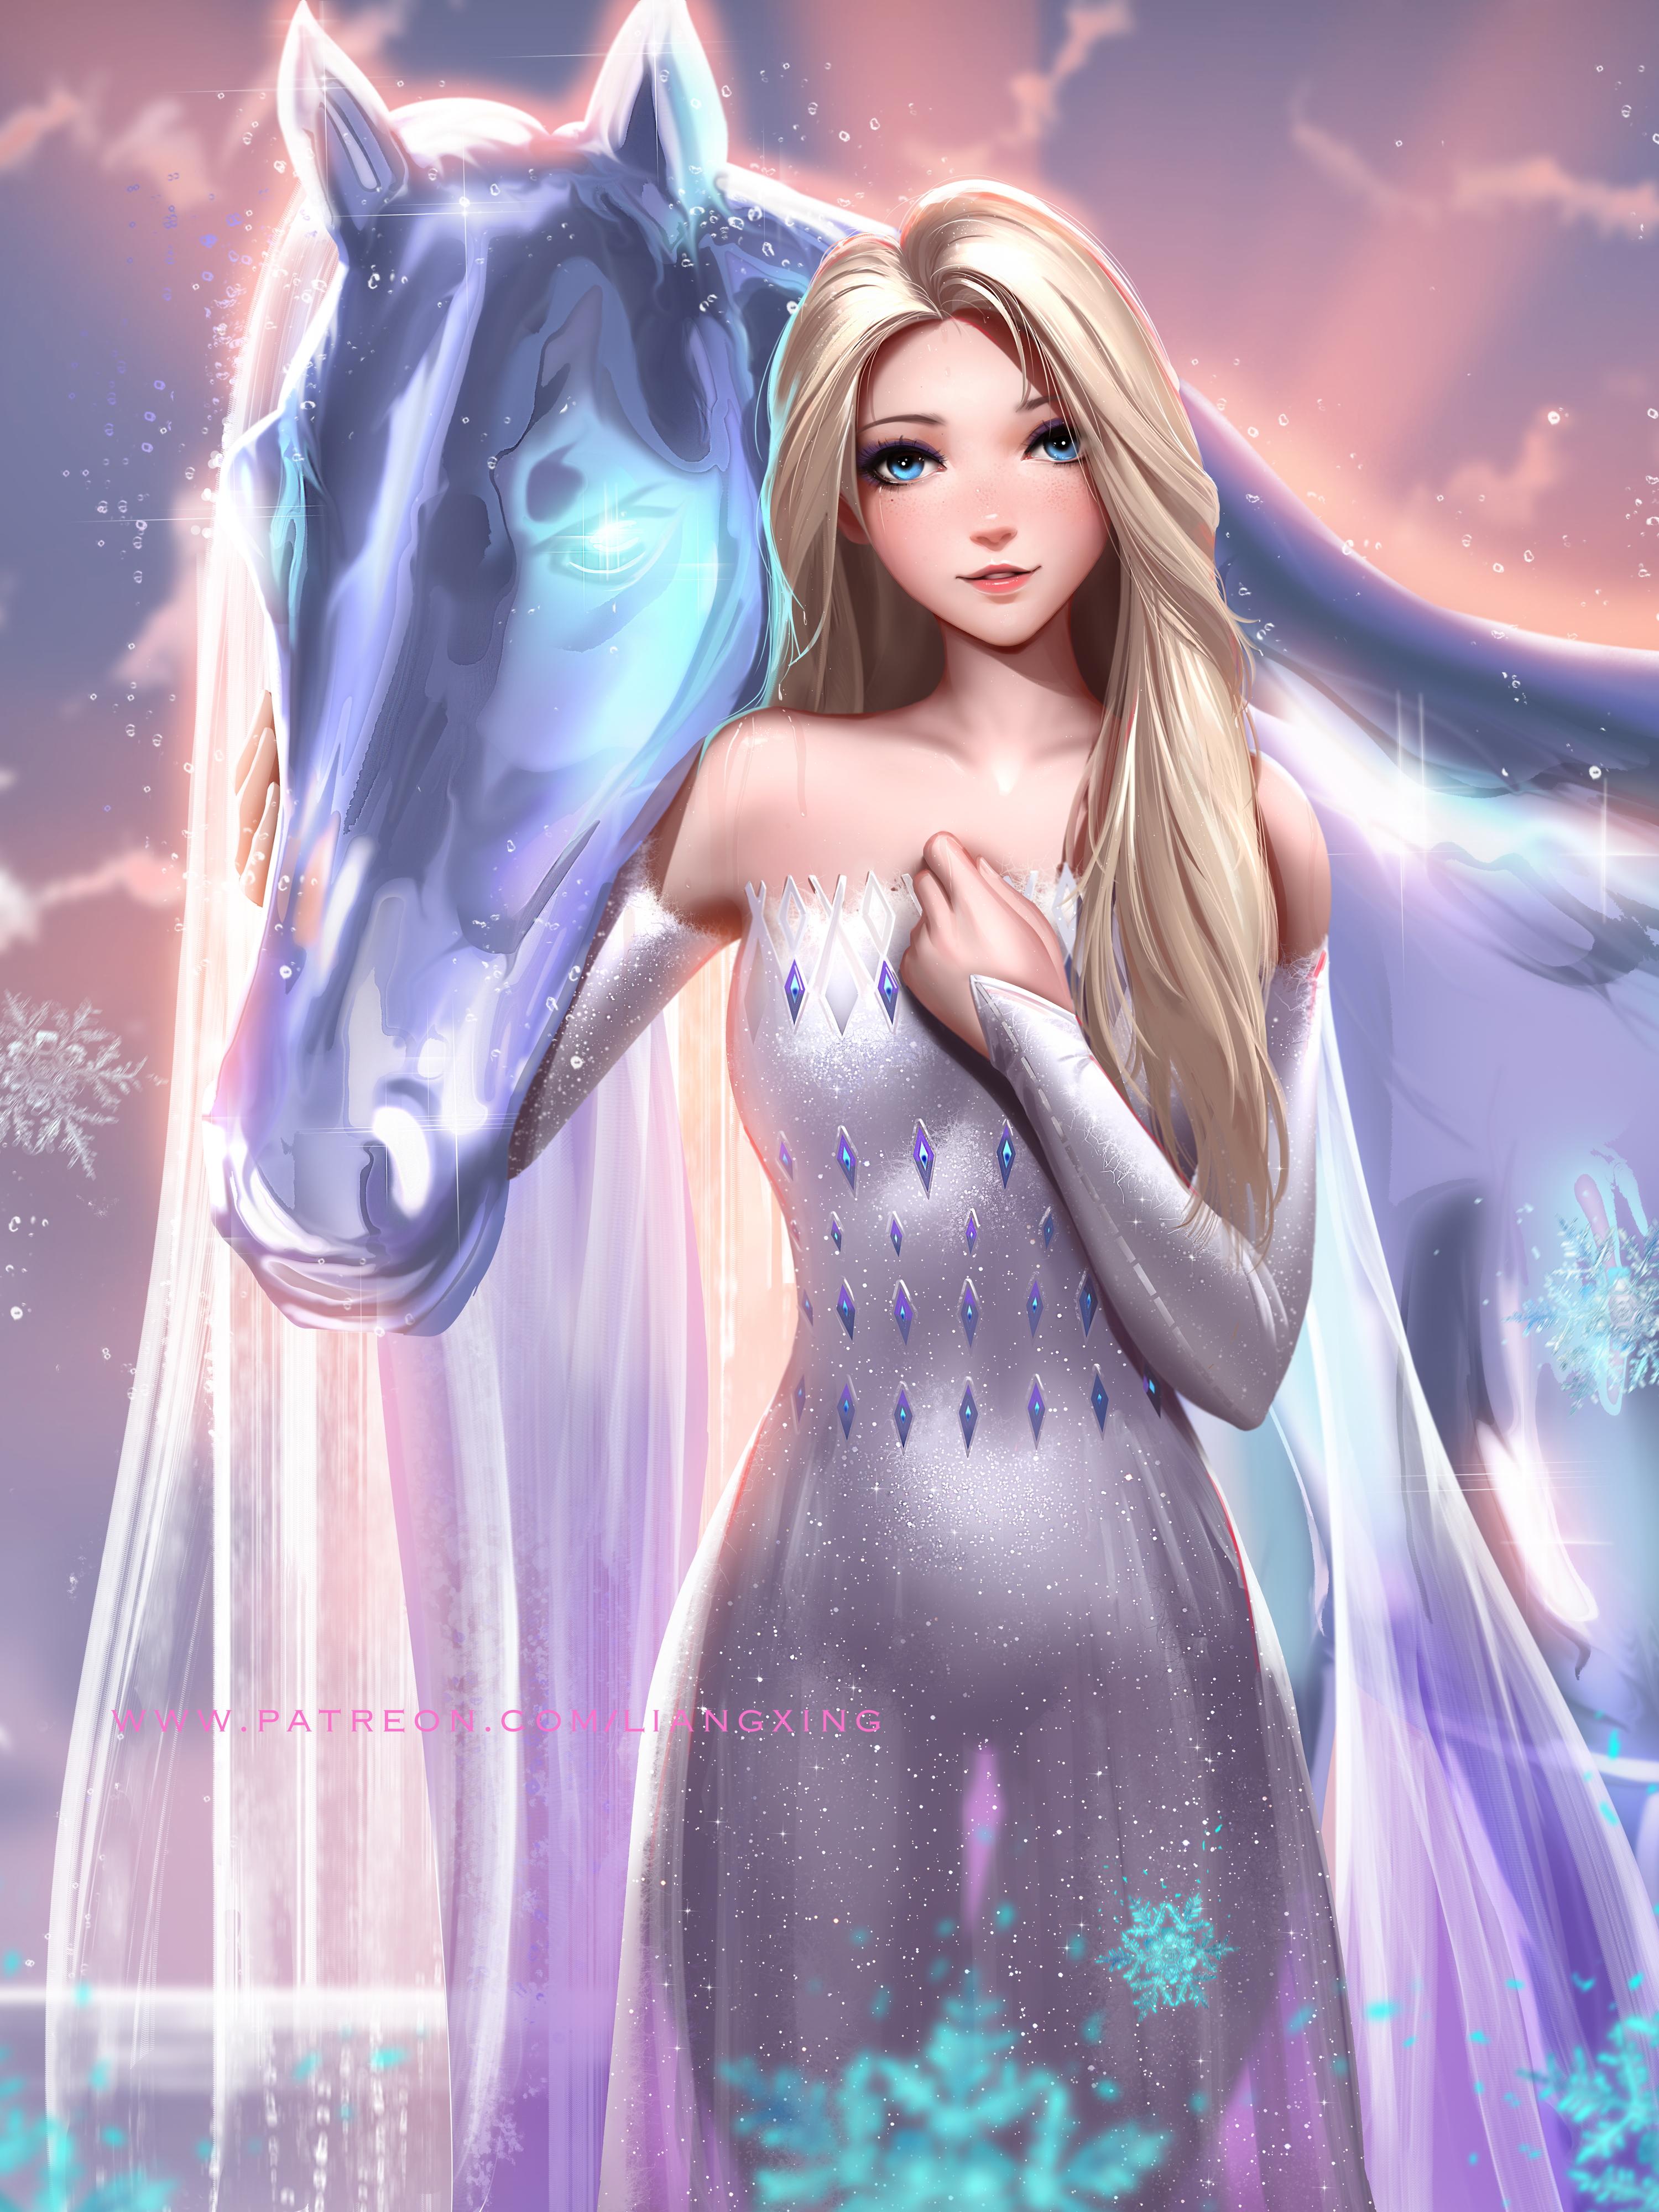 デスクトップ壁紙 エルサ 冷凍映画 Frozen 2 ディズニー